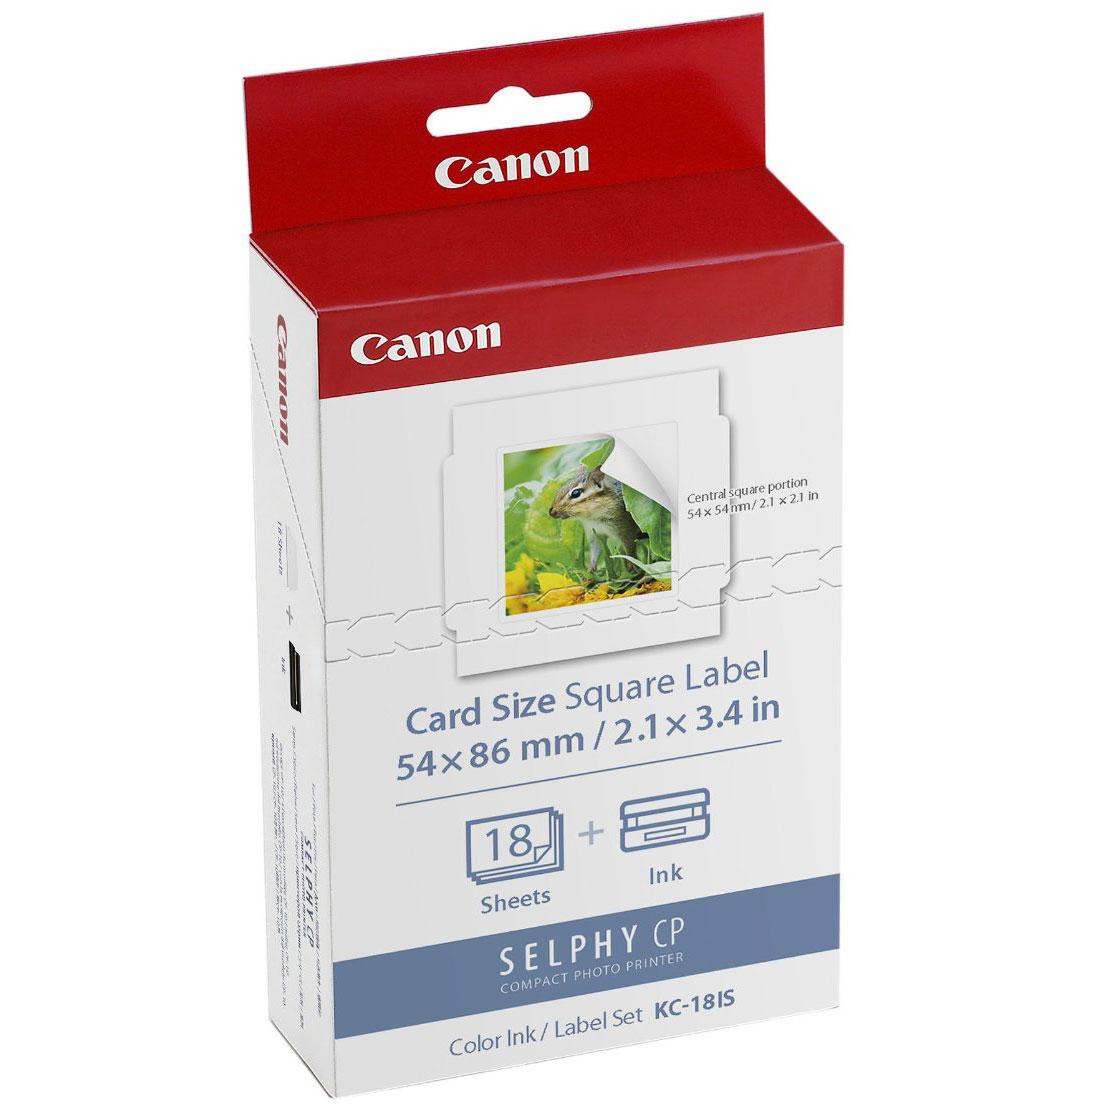 canon kc 18is papier imprimante canon sur ldlc. Black Bedroom Furniture Sets. Home Design Ideas